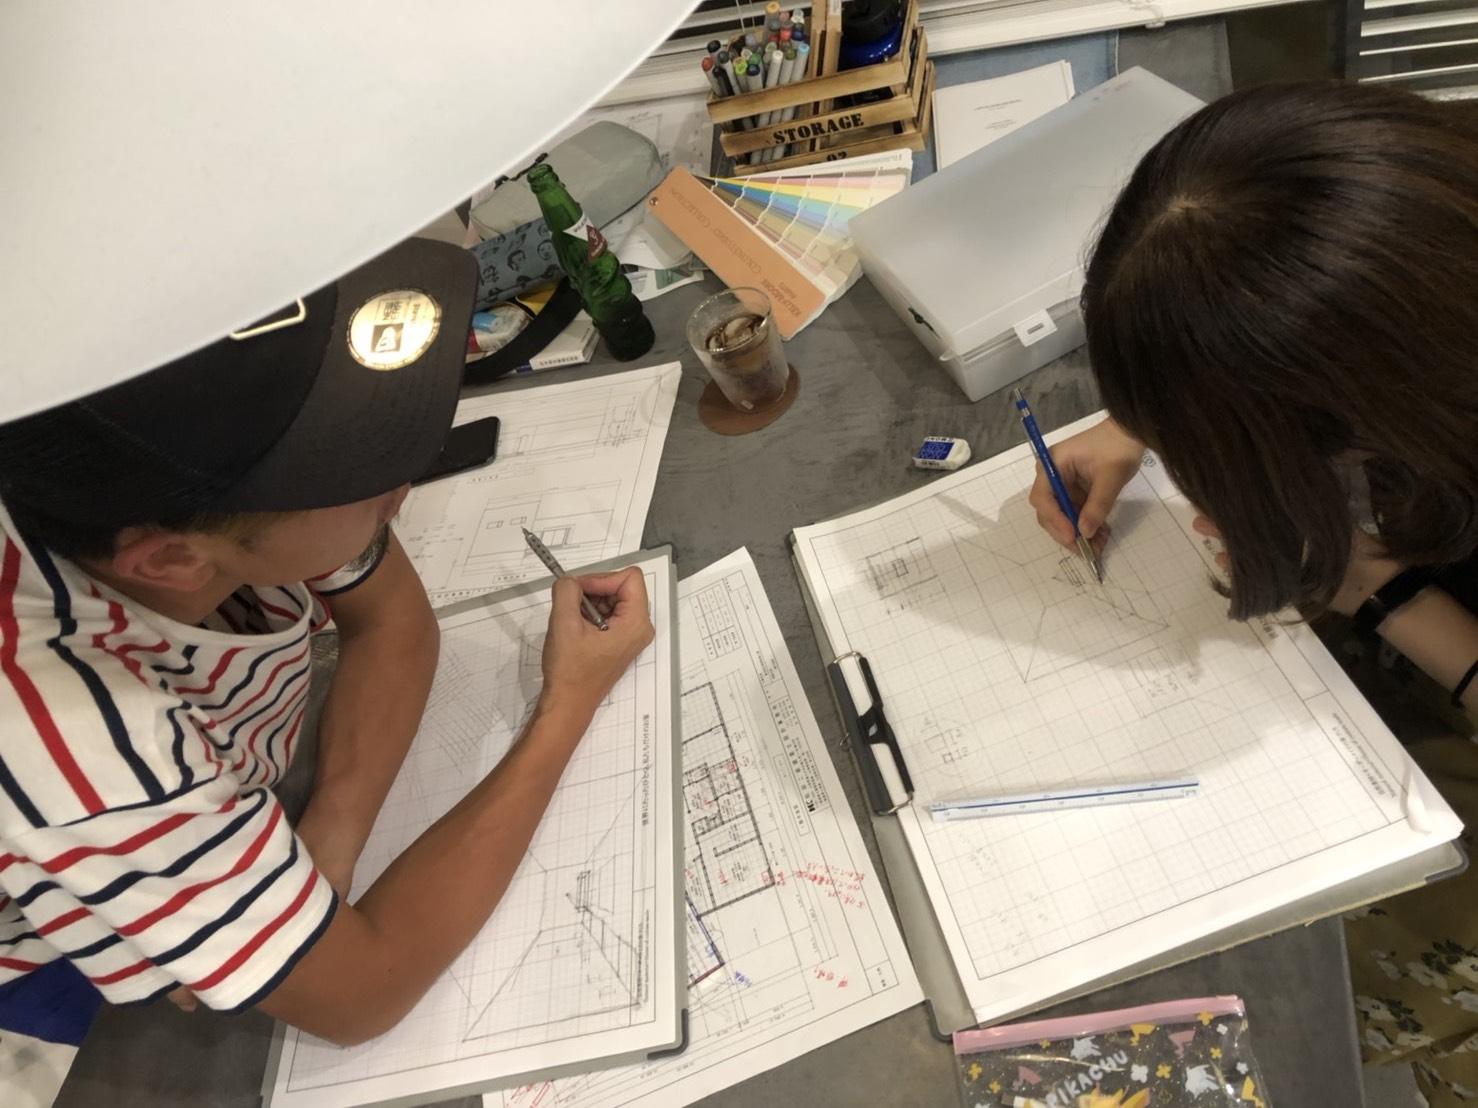 山梨県の工務店、未来建築工房とつくる注文住宅。|現役大学生と実践パースの勉強